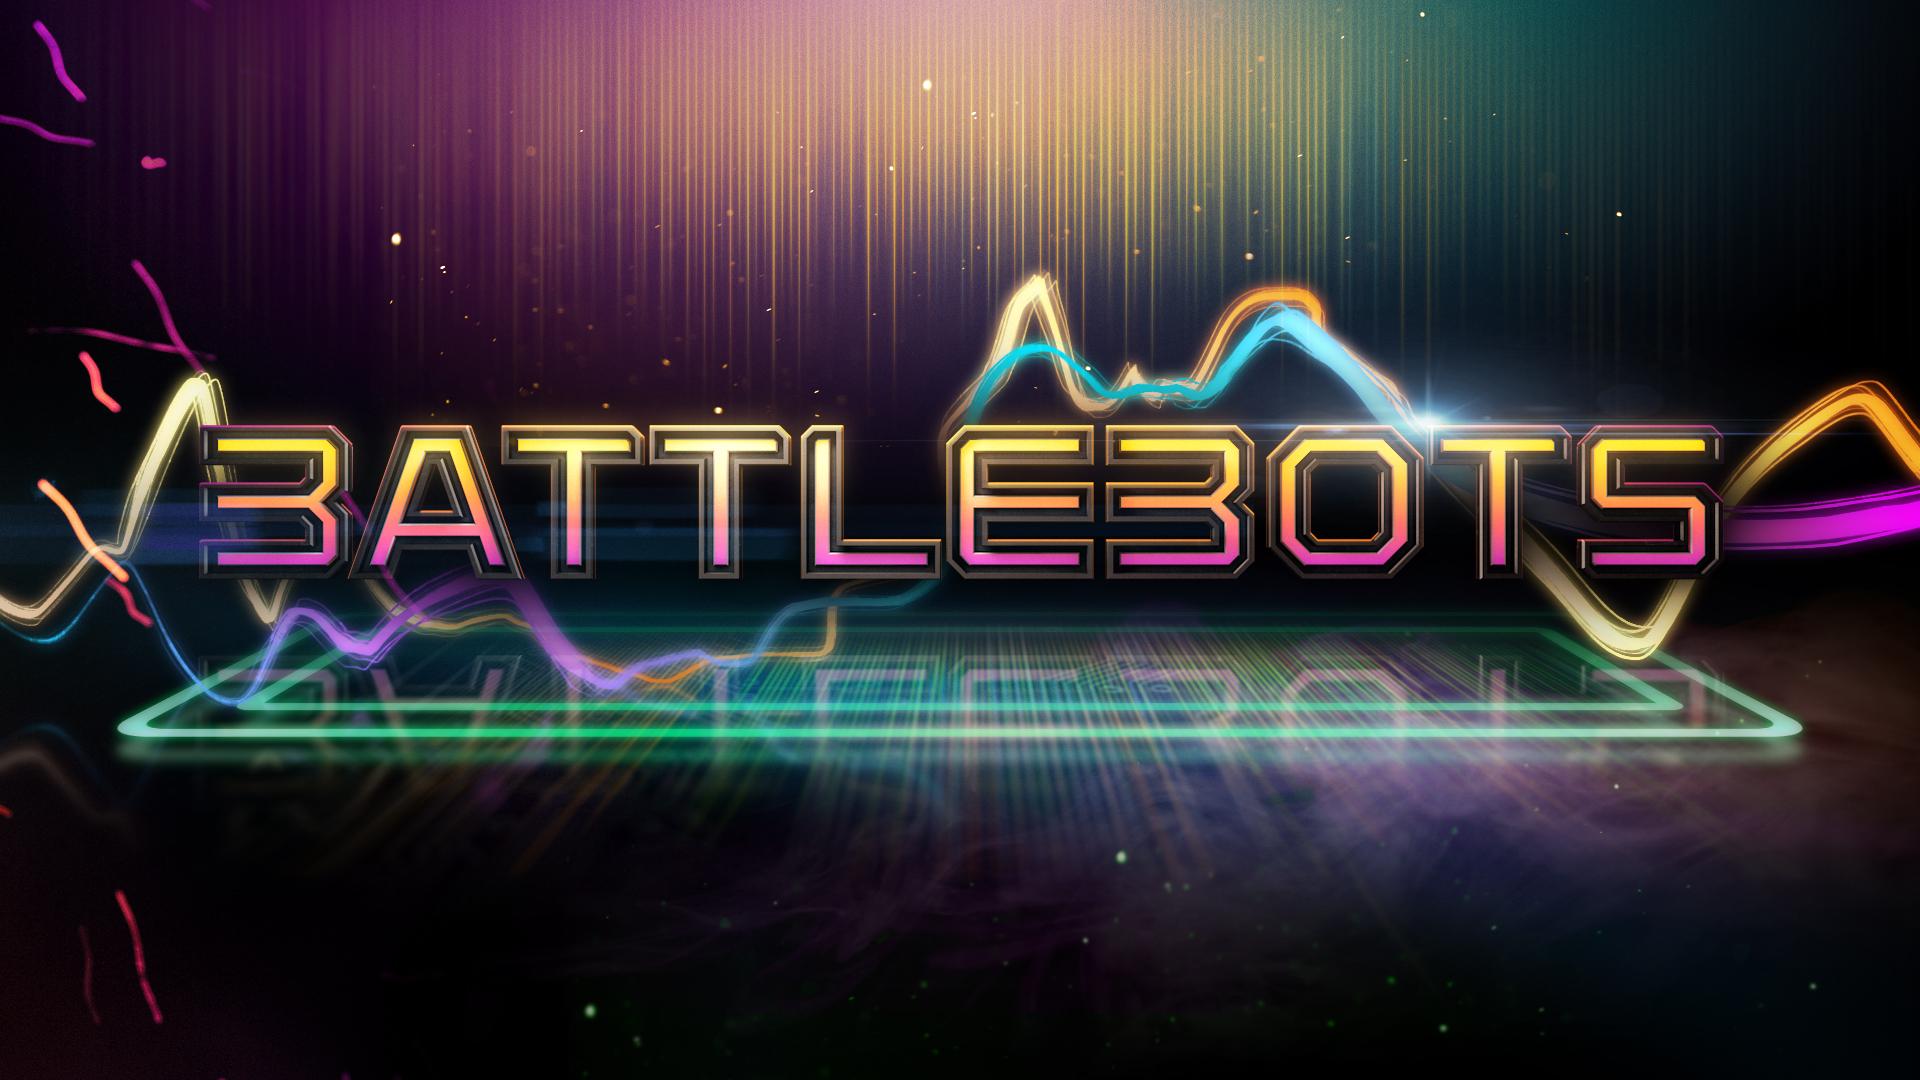 BattleBots_am_06.jpg